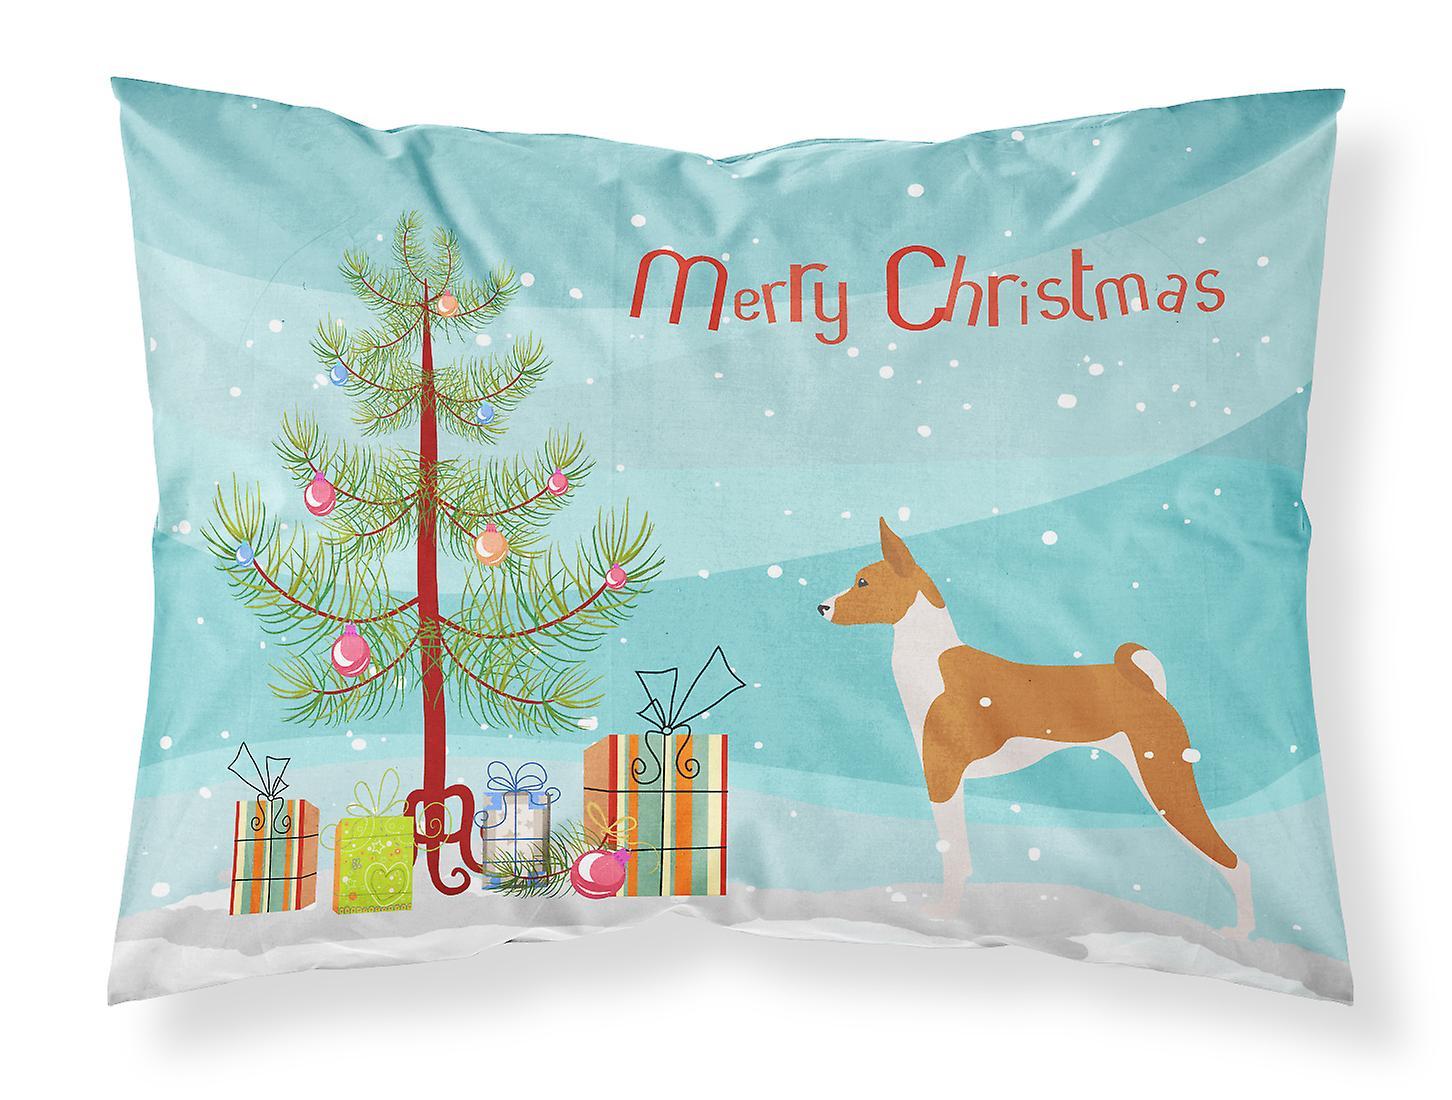 Taie Tissu Tree D'oreiller Standard De Basenji Merry Christmas FTKc1Jl